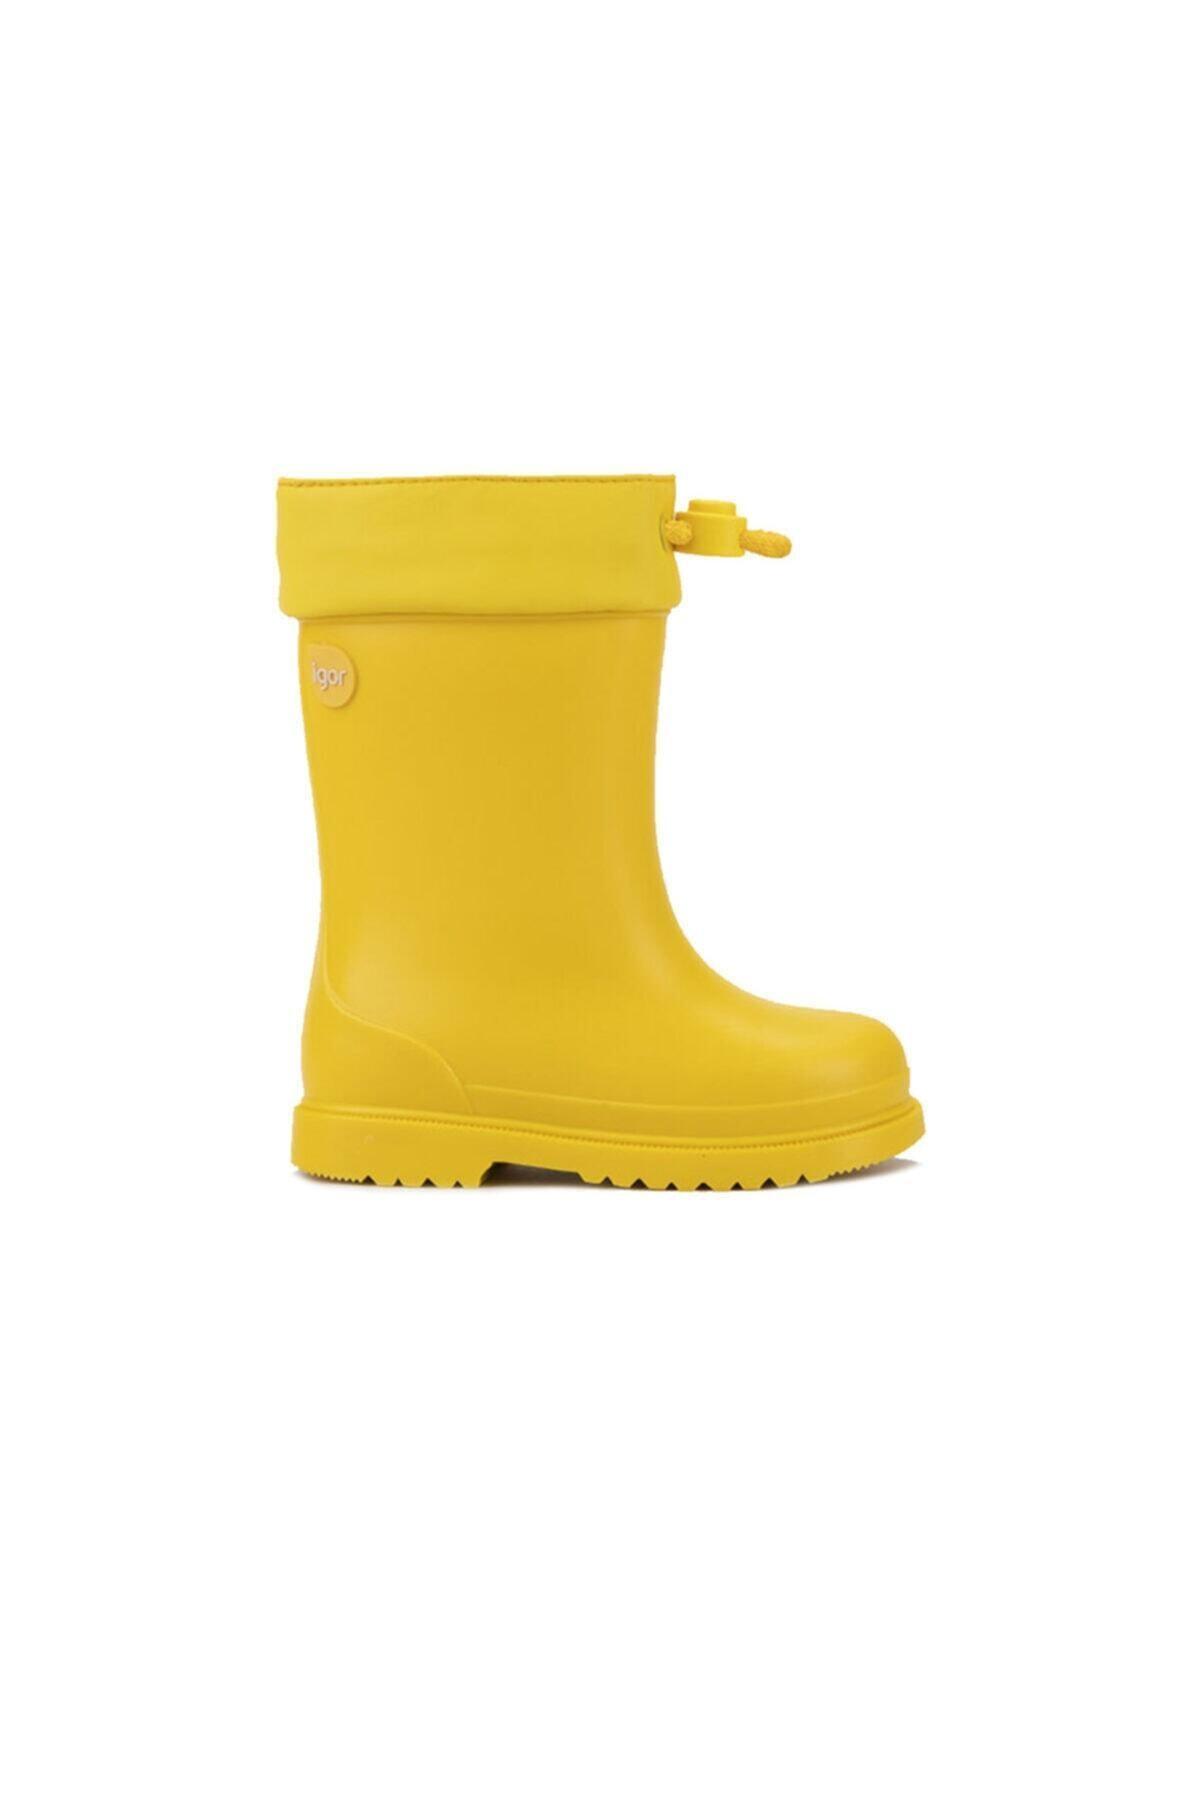 IGOR W10100 Chufo Cuello-008 Sarı Unisex Çocuk Yağmur Çizmesi 100386307 1